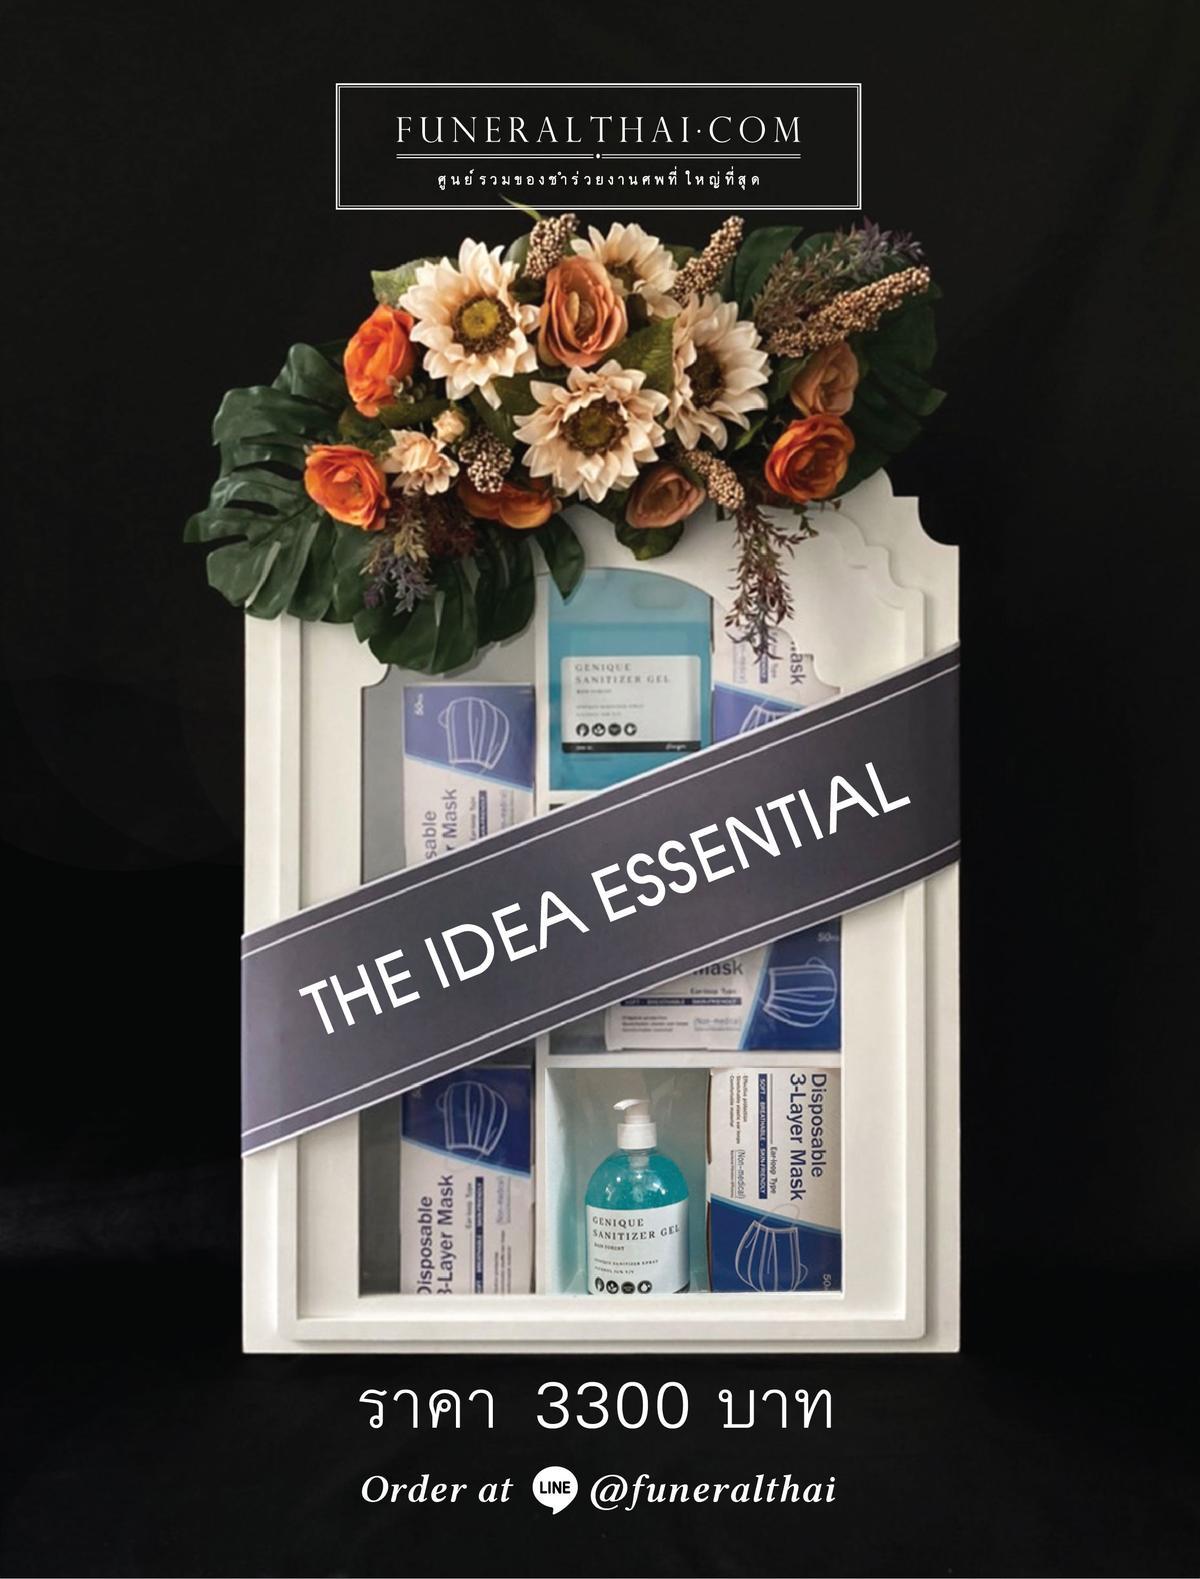 พวงหรีด พวงหรีดตู้ ใส่แอลกอฮอล์ ซานิไทเซอร์ และ หน้ากากอนามัย ประดับดอกไม้ พวงหรีดใช้งานต่อได้ ส่งฟรีทั่วกรุงเทพ